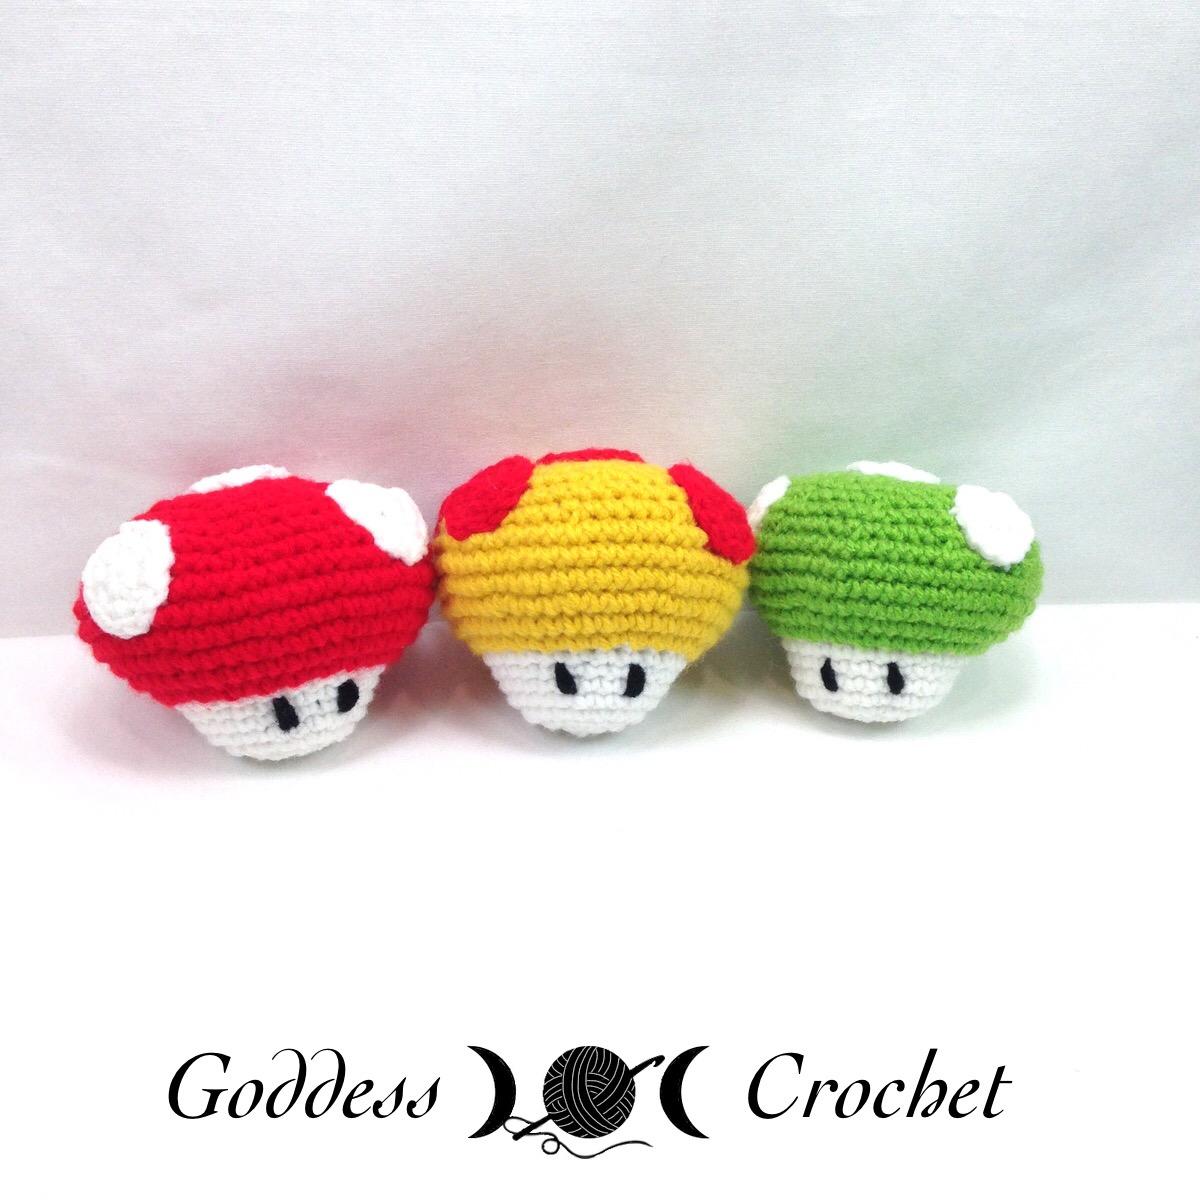 Super Mario Mushroom Free Crochet Pattern Review Goddess Crochet